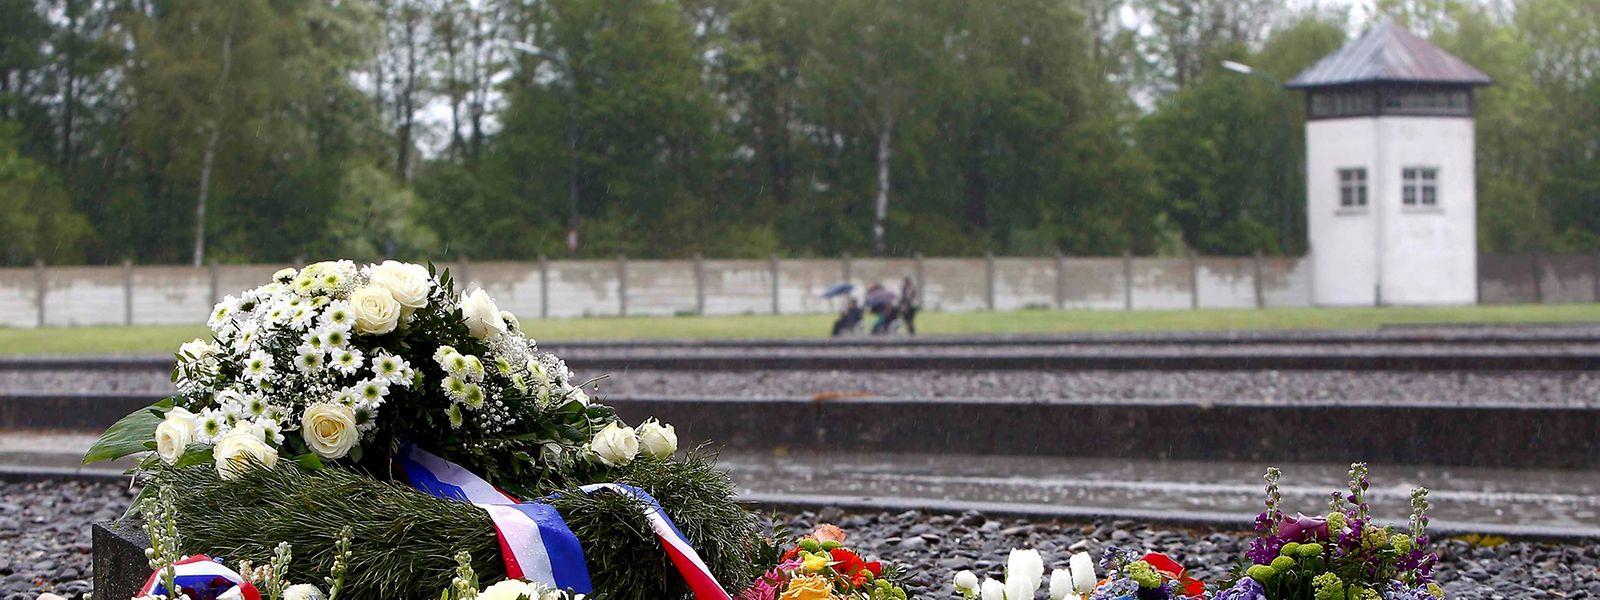 Der Ort Dachau ist weltweit verbunden mit der Erinnerung an die grauenvollen NS-Verbrechen.